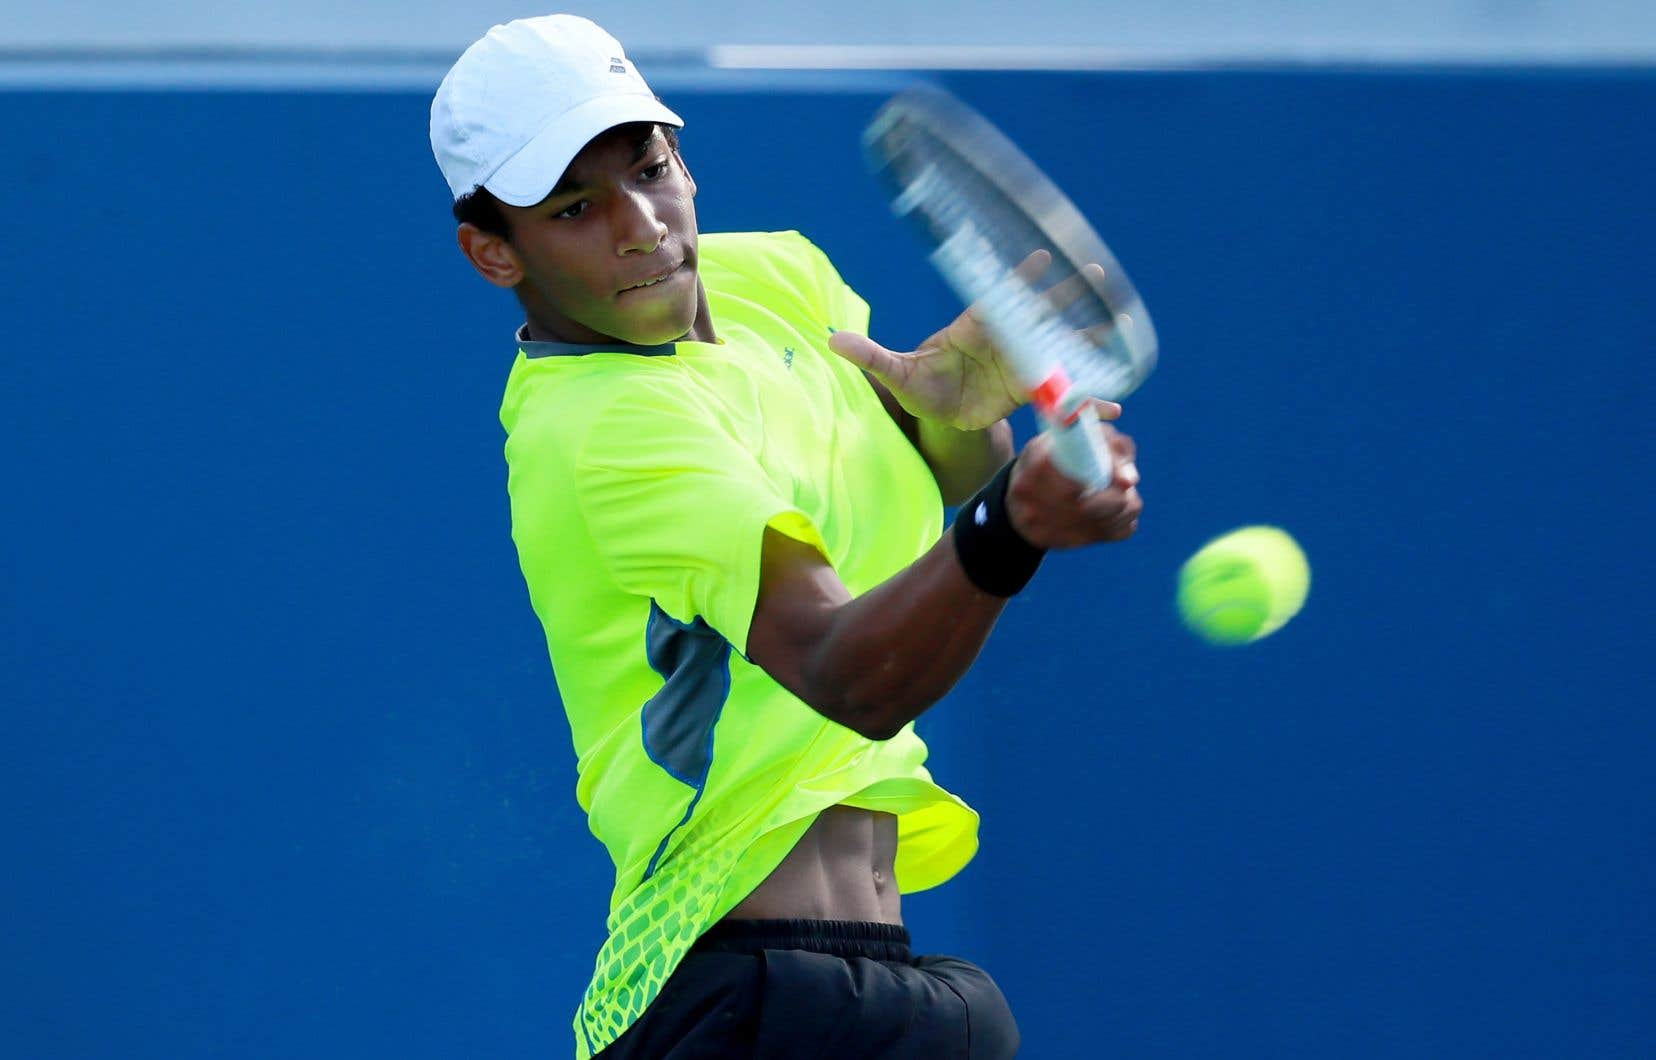 Félix Auger-Aliassime,17ans, a du même coup signé le premier gain de sa carrière dans le tableau principal d'un tournoi du circuit de l'ATP.